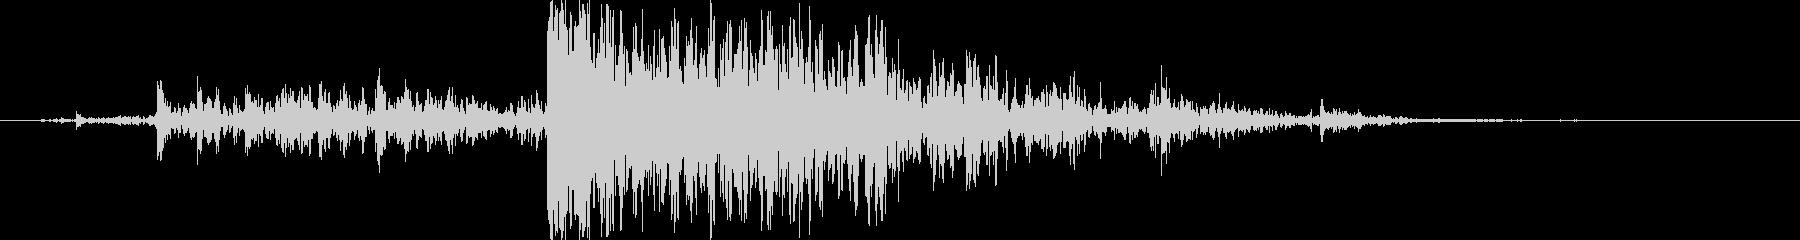 木 ミディアムクラッシュ03の未再生の波形